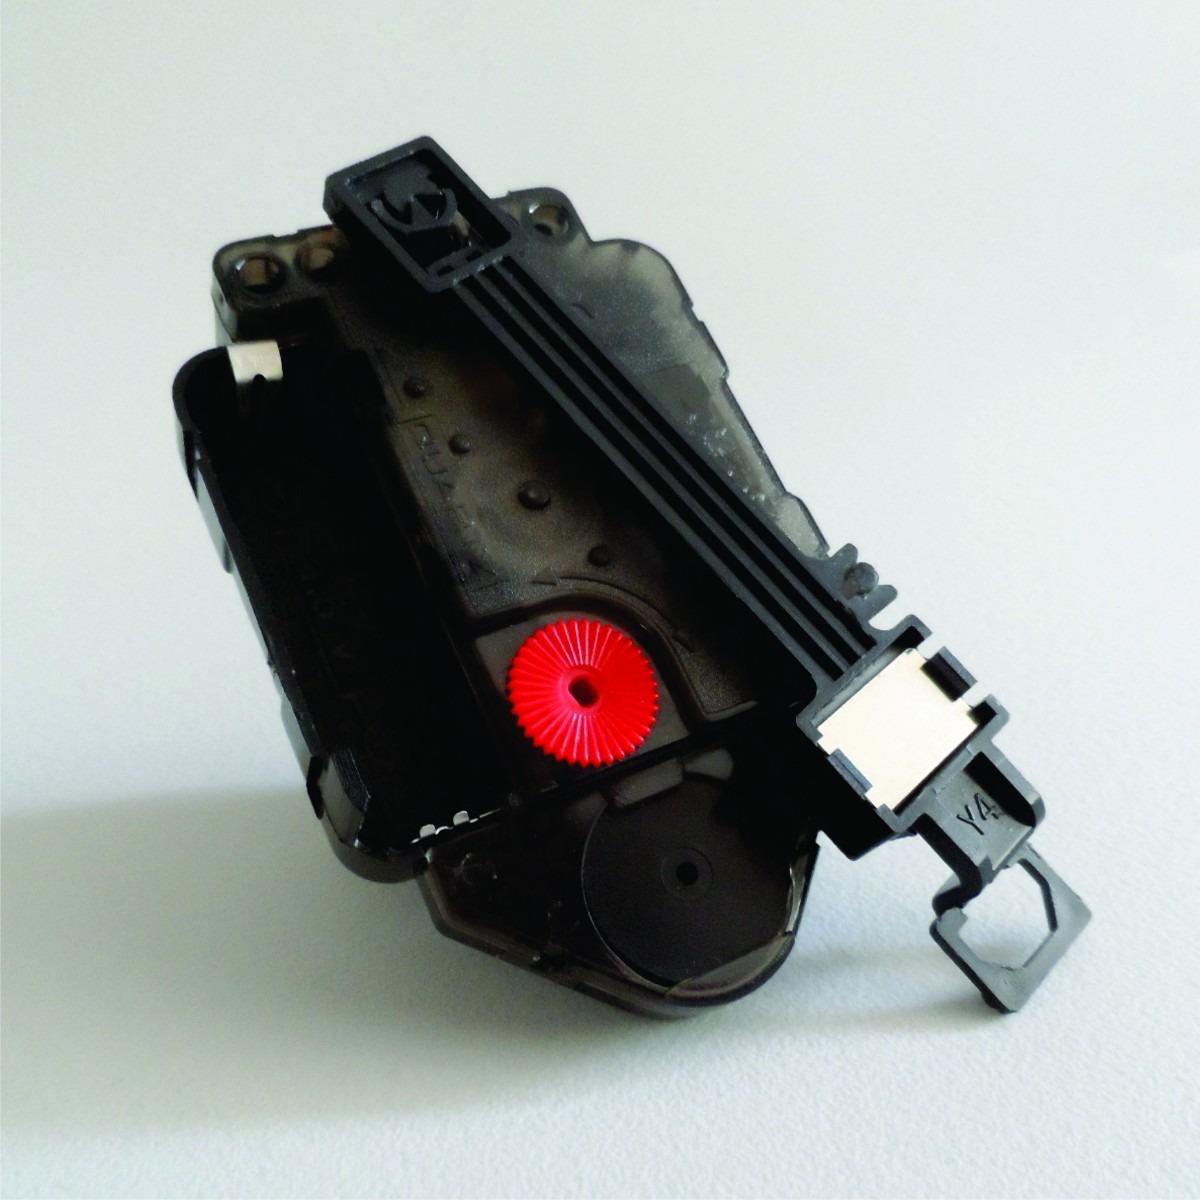 Maquinaria de p ndulo para reloj de pared en - Maquinaria de reloj de pared con pendulo ...